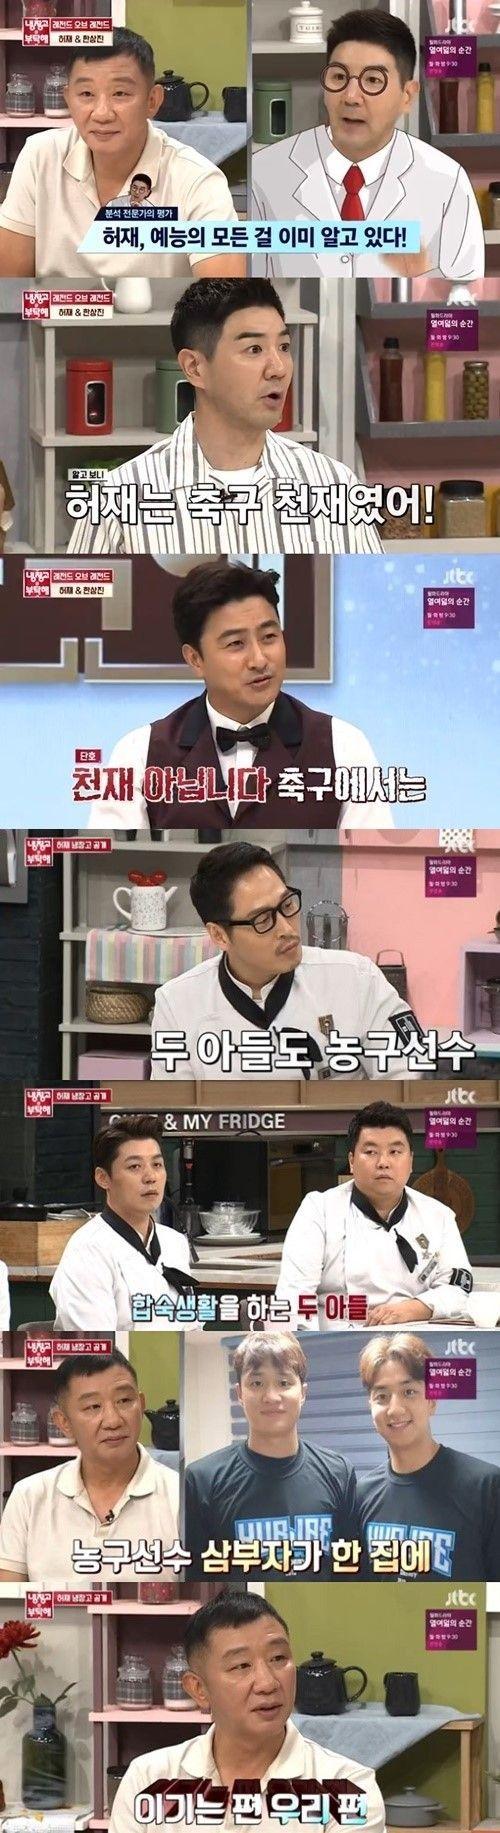 사진=JTBC '냉장고를 부탁해' 방송 캡처